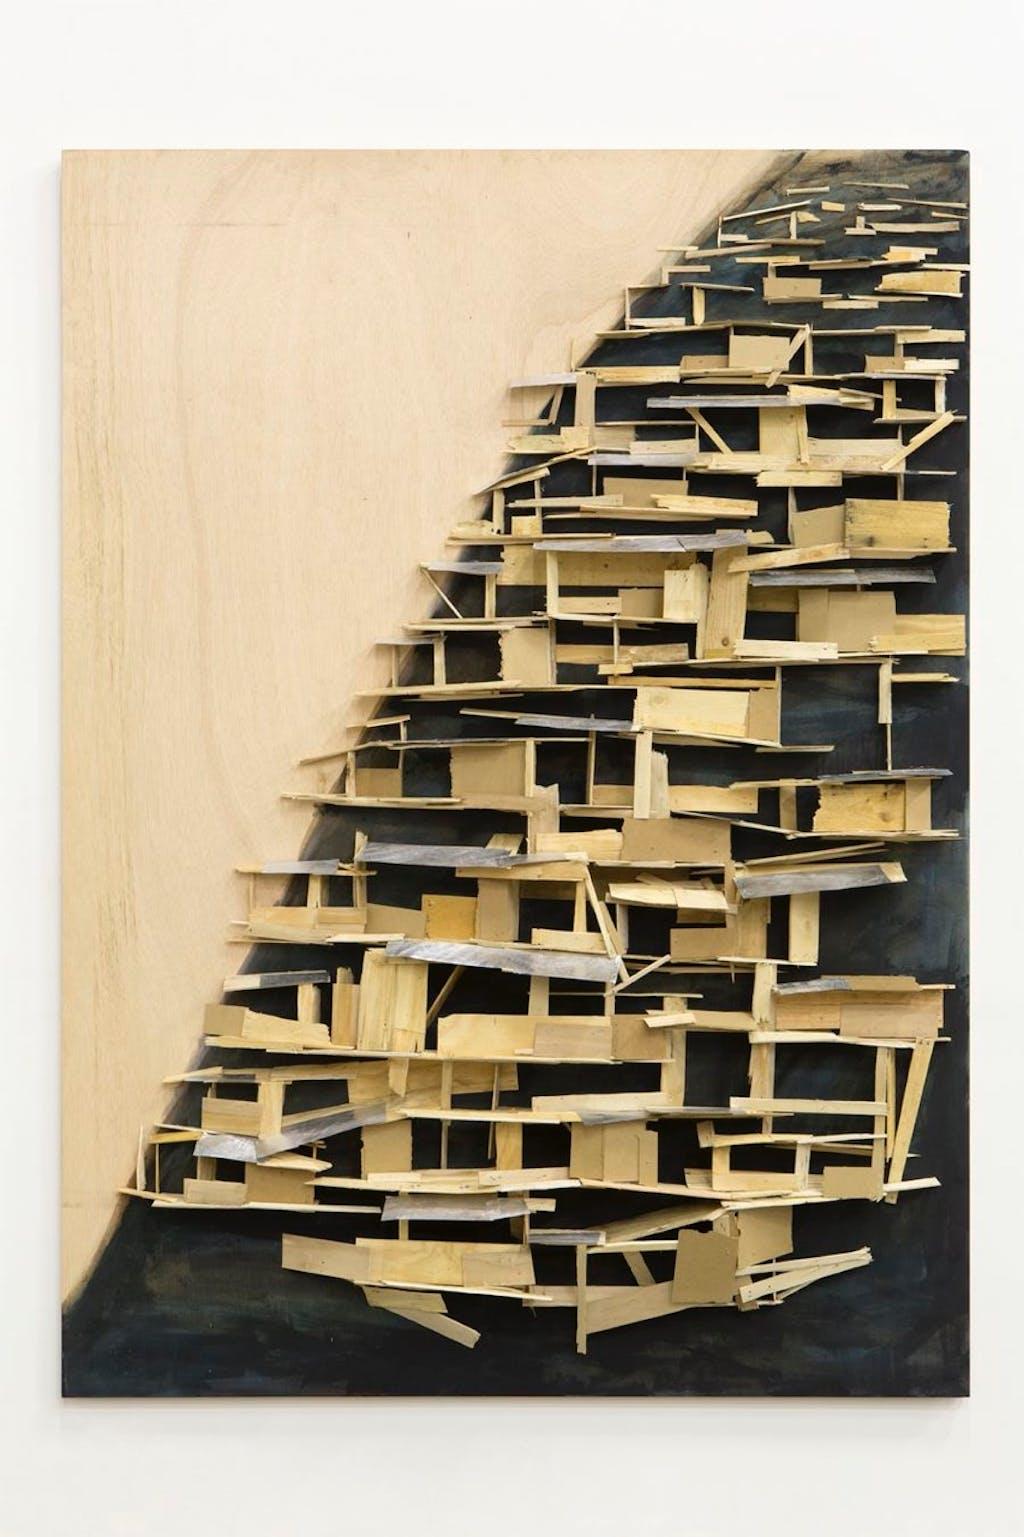 Tree hut on the cliff n 8 - © kamel mennour